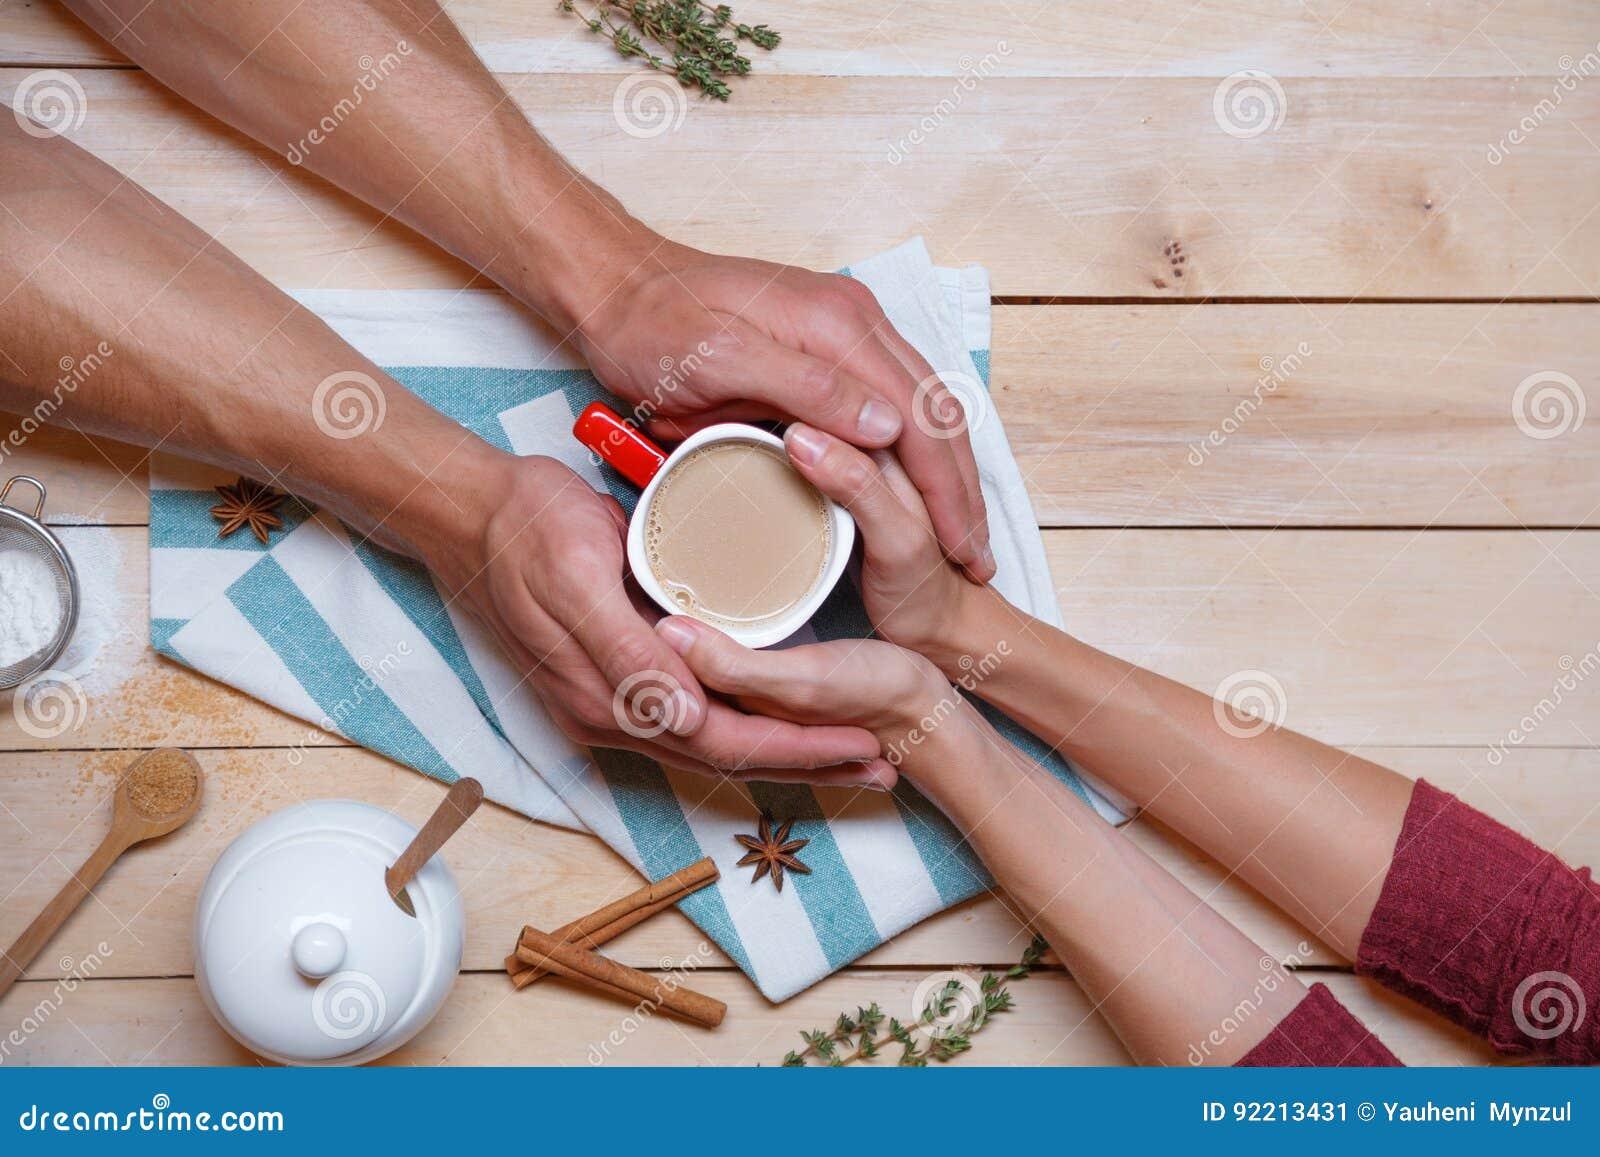 Фото женских рук на аву